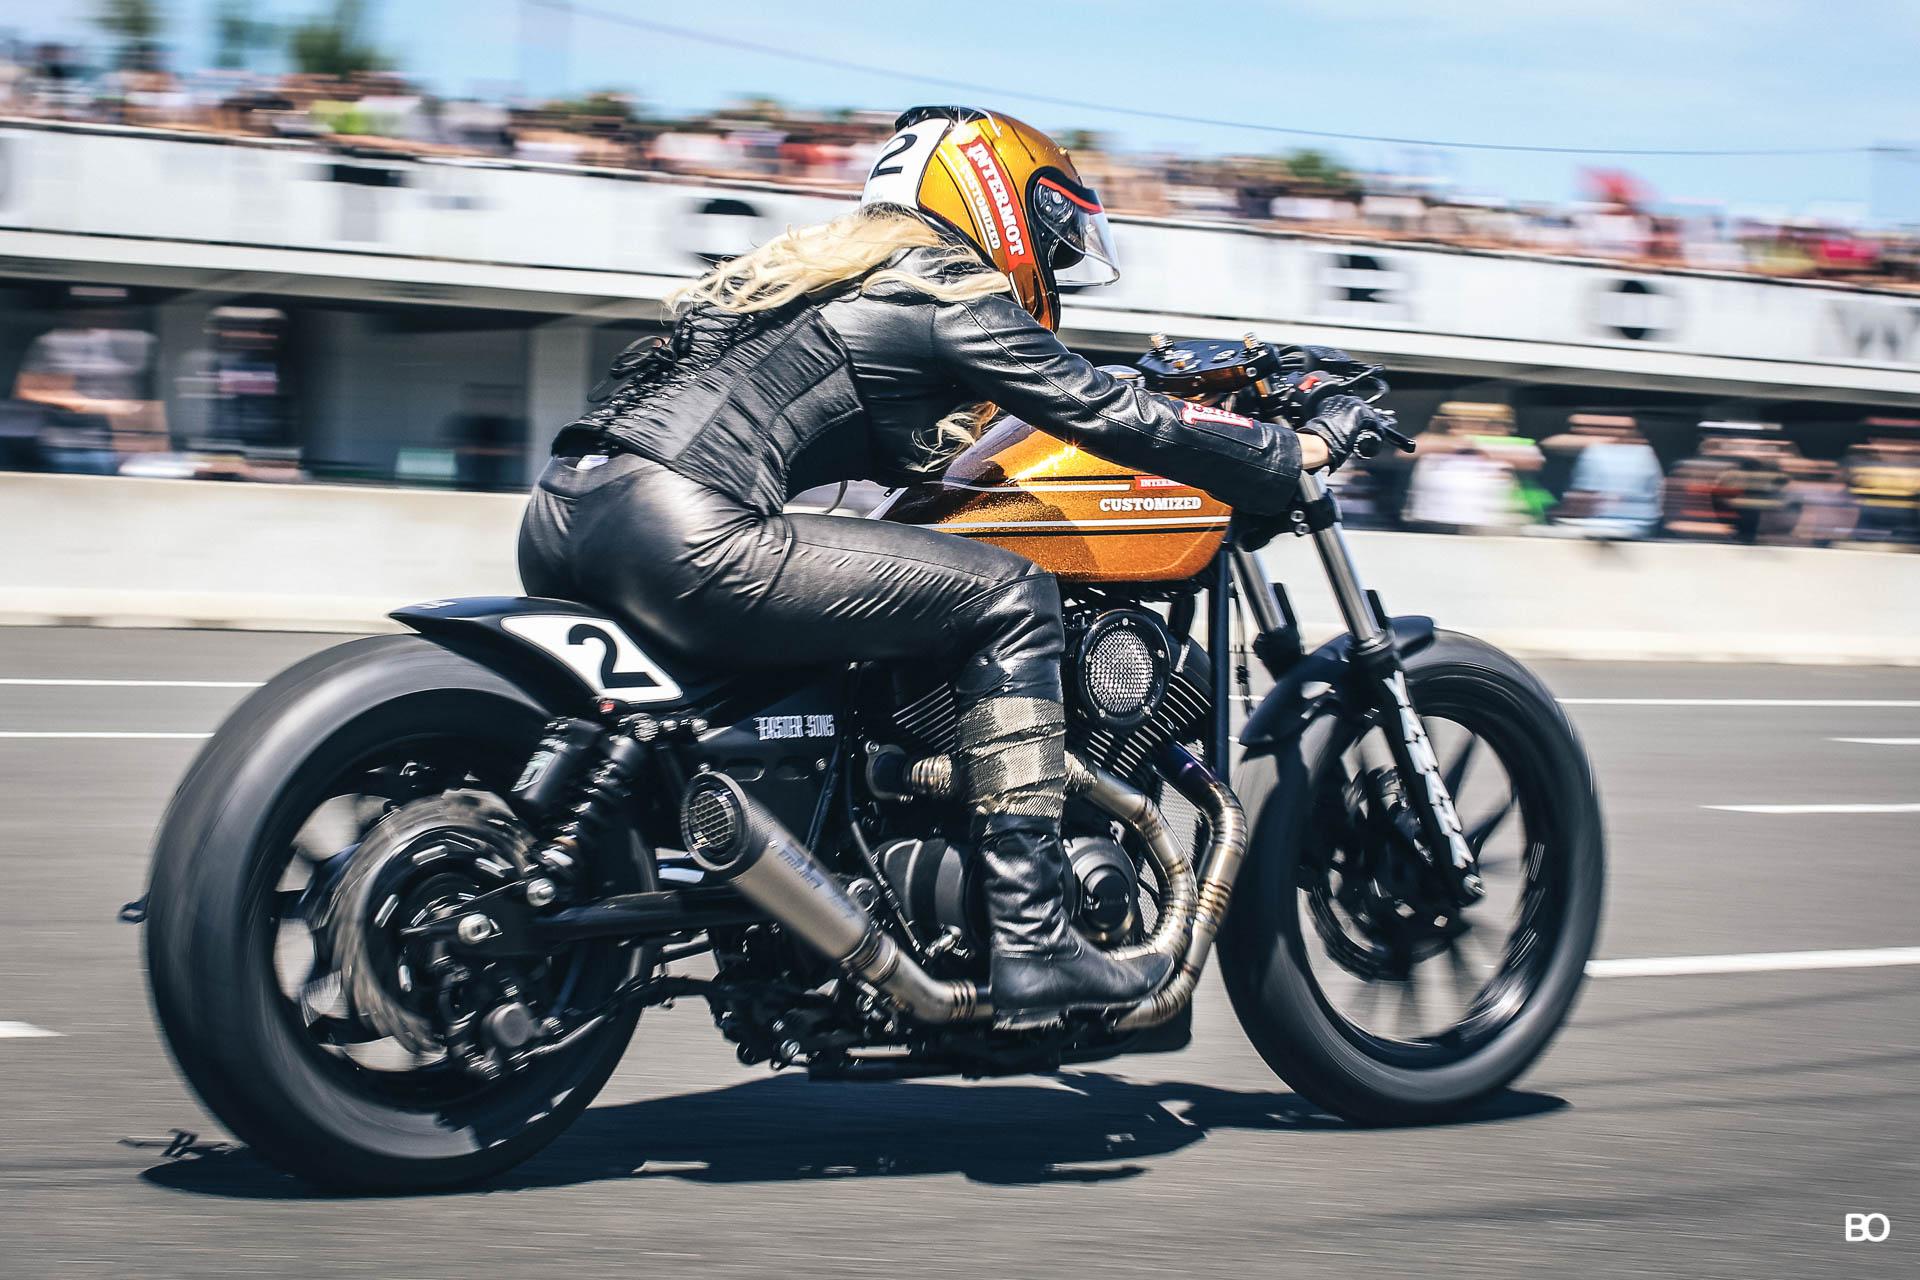 yamaha-xv850-r-dragger-intermot-custom-bike-marcus-walz (19)